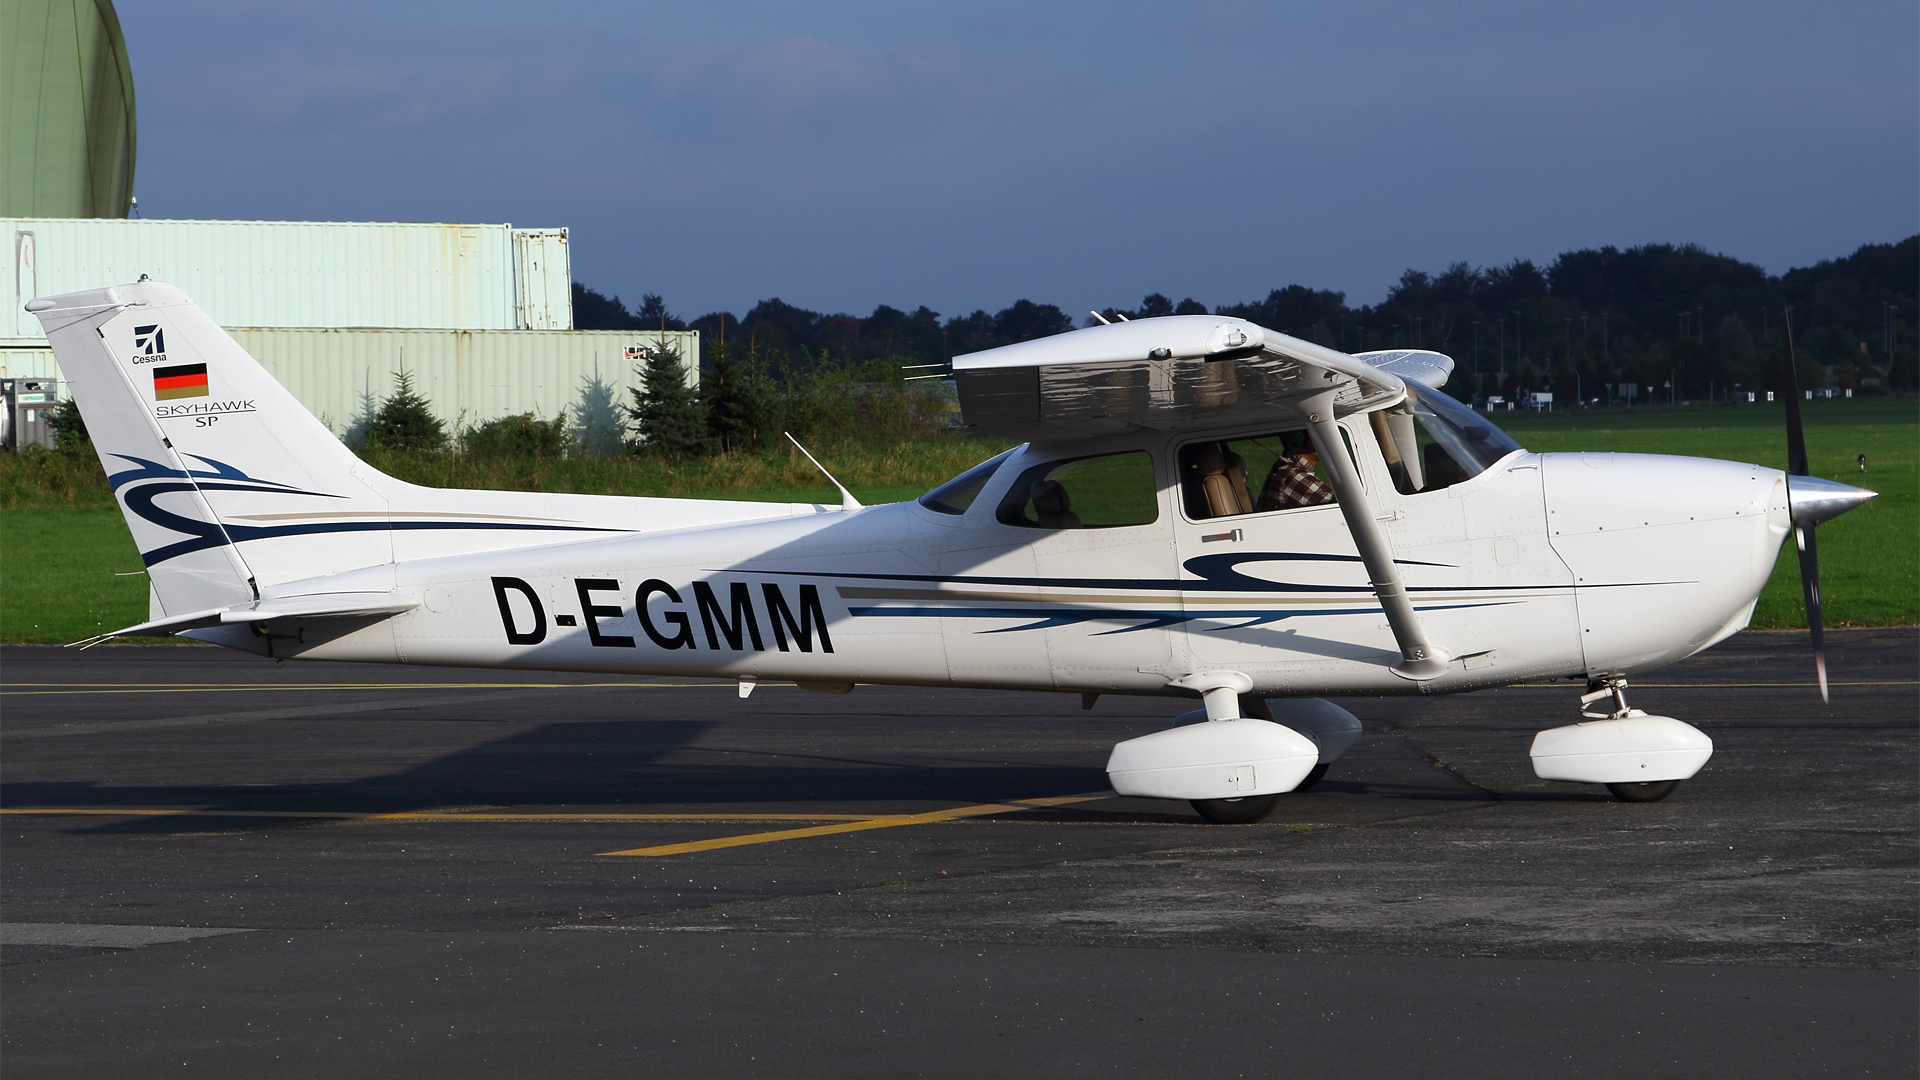 D-EGMM-1 C172 ESS 201409